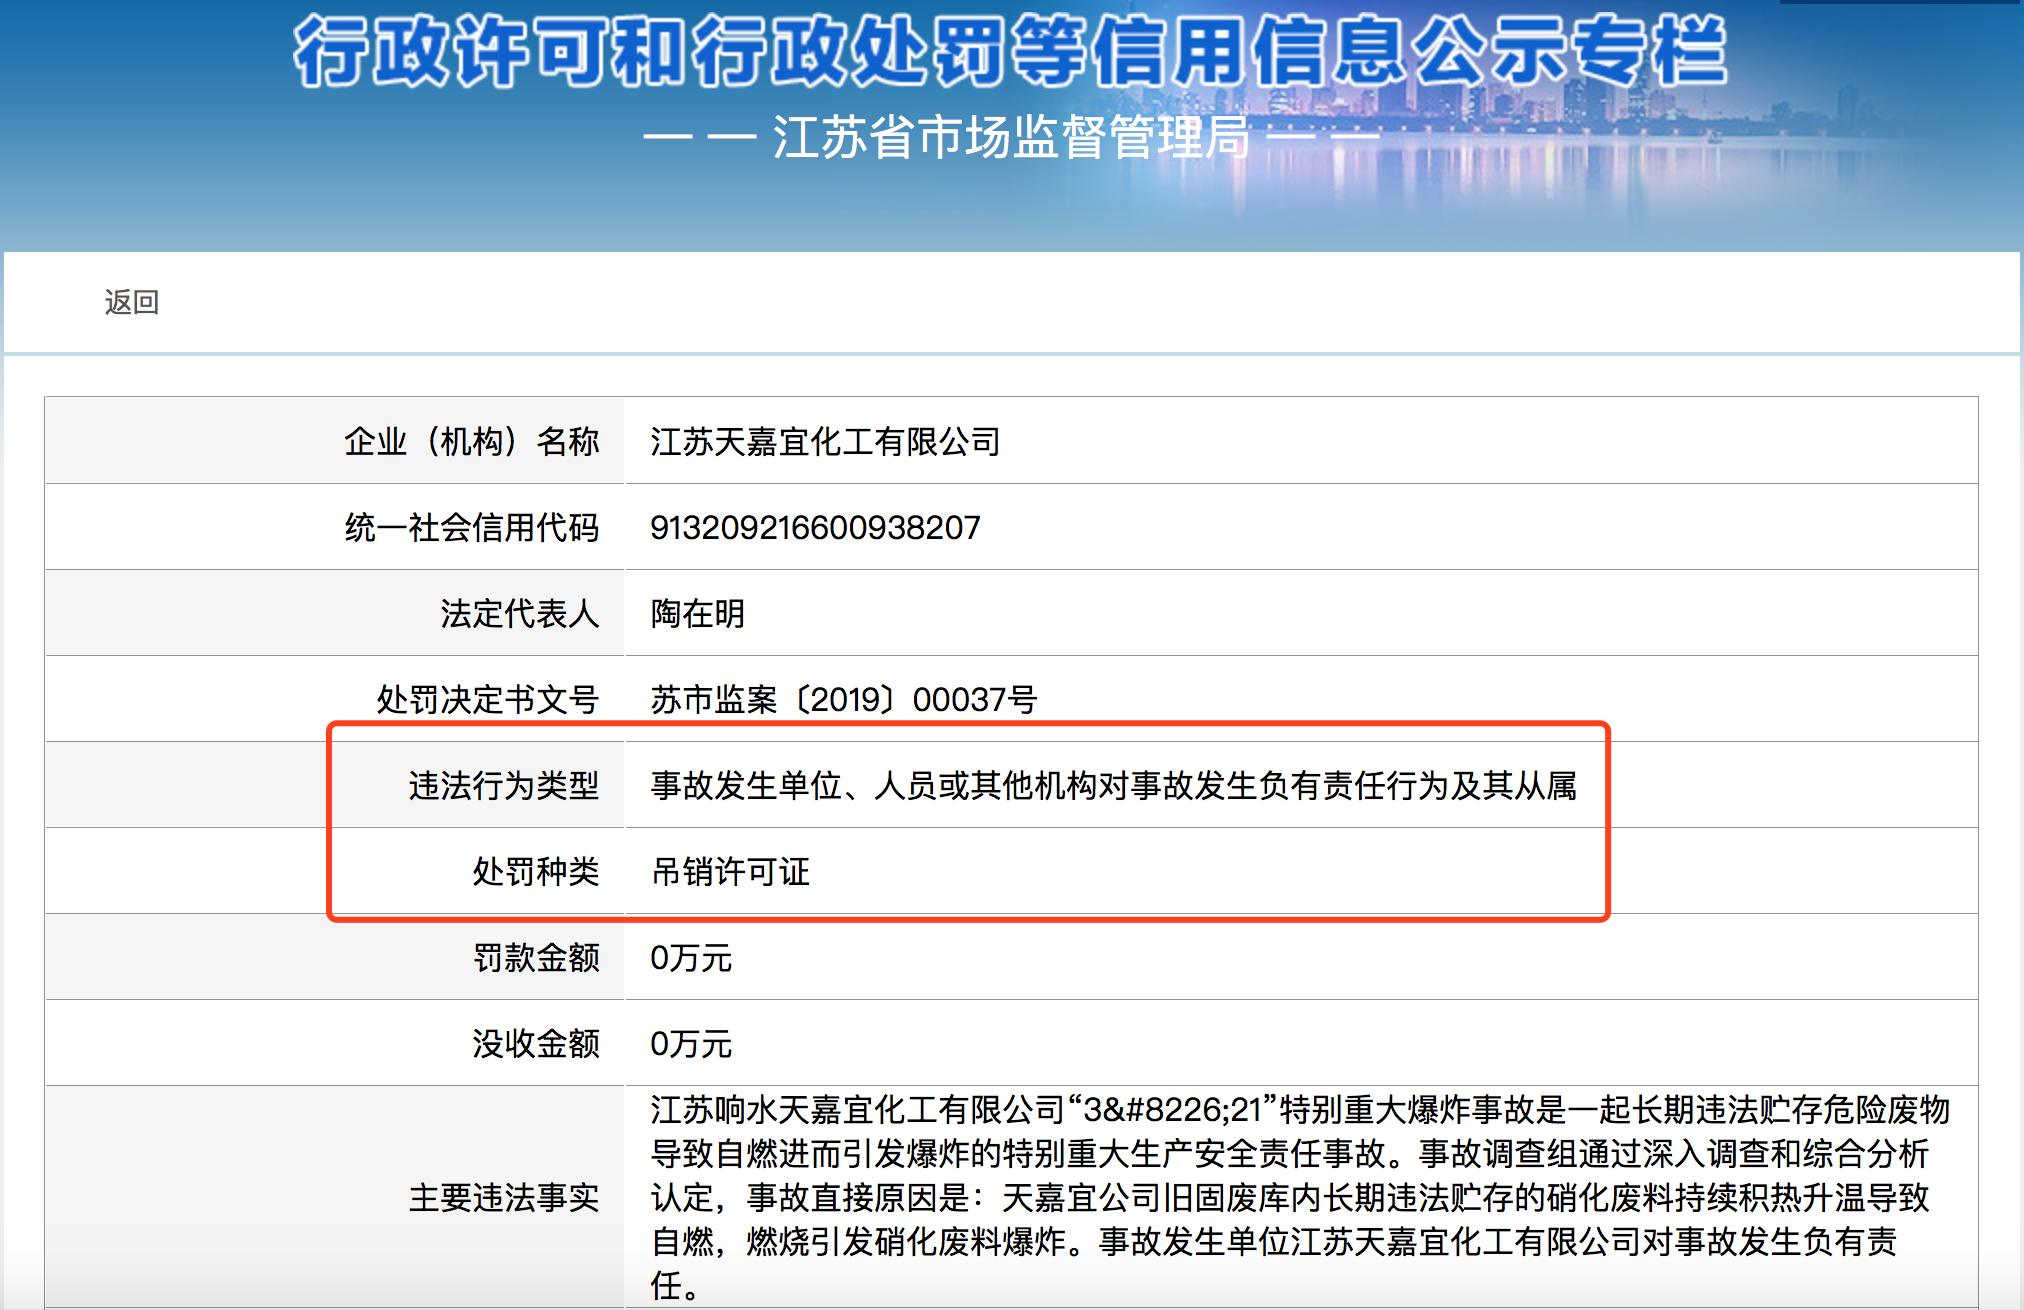 江苏响水爆炸致78死事故:天嘉宜化工被吊销许可证图片